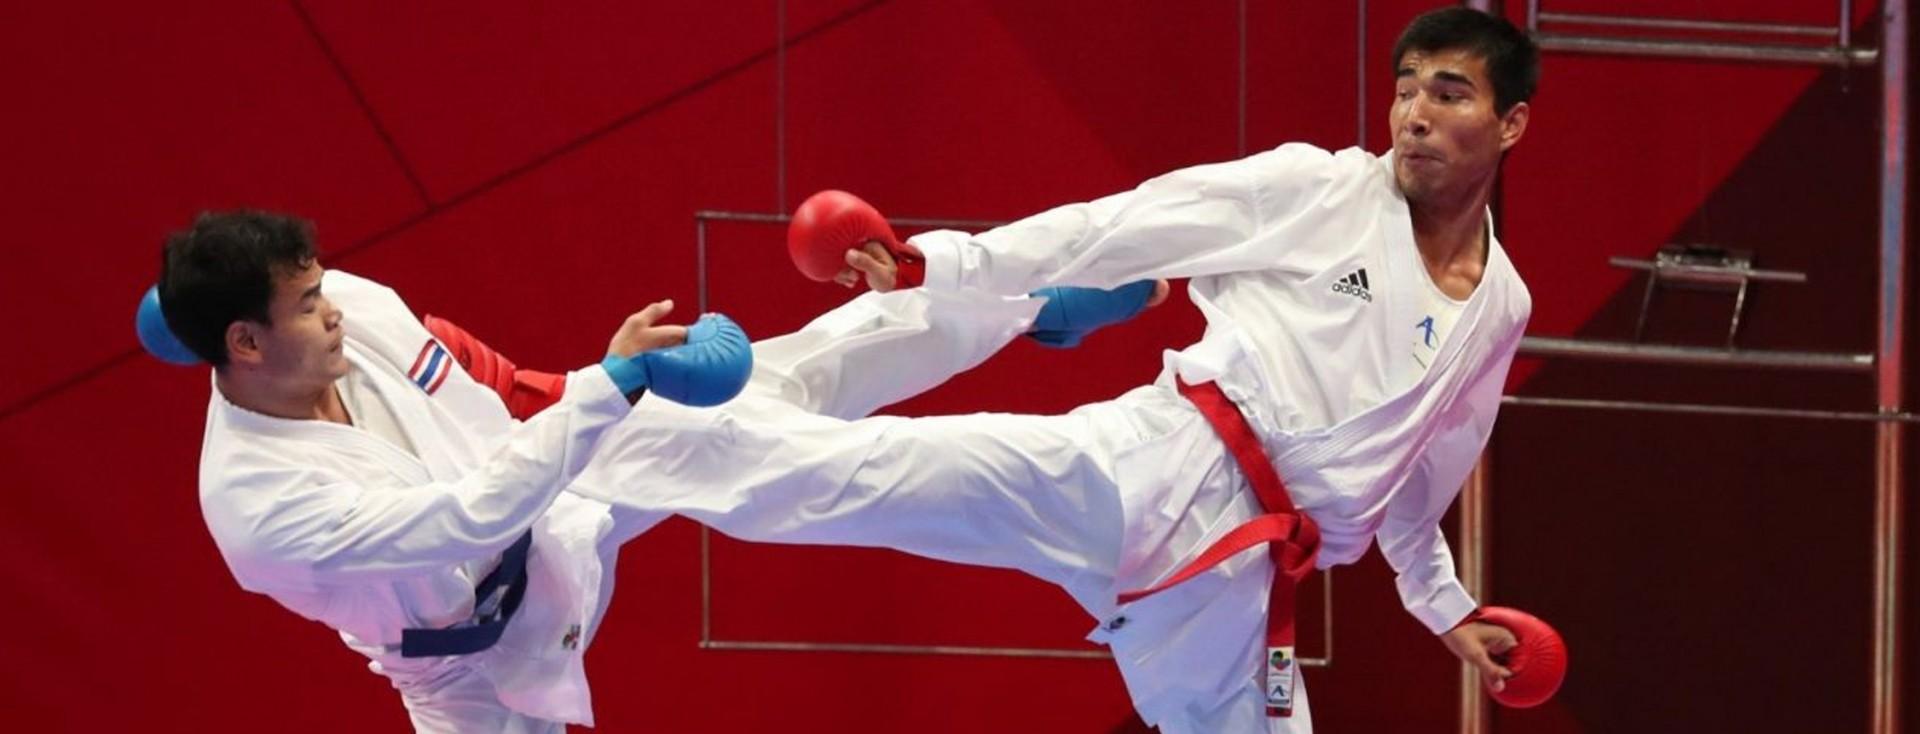 Казахстанский каратист выиграл серебро в Берлине , каратист , Спорт